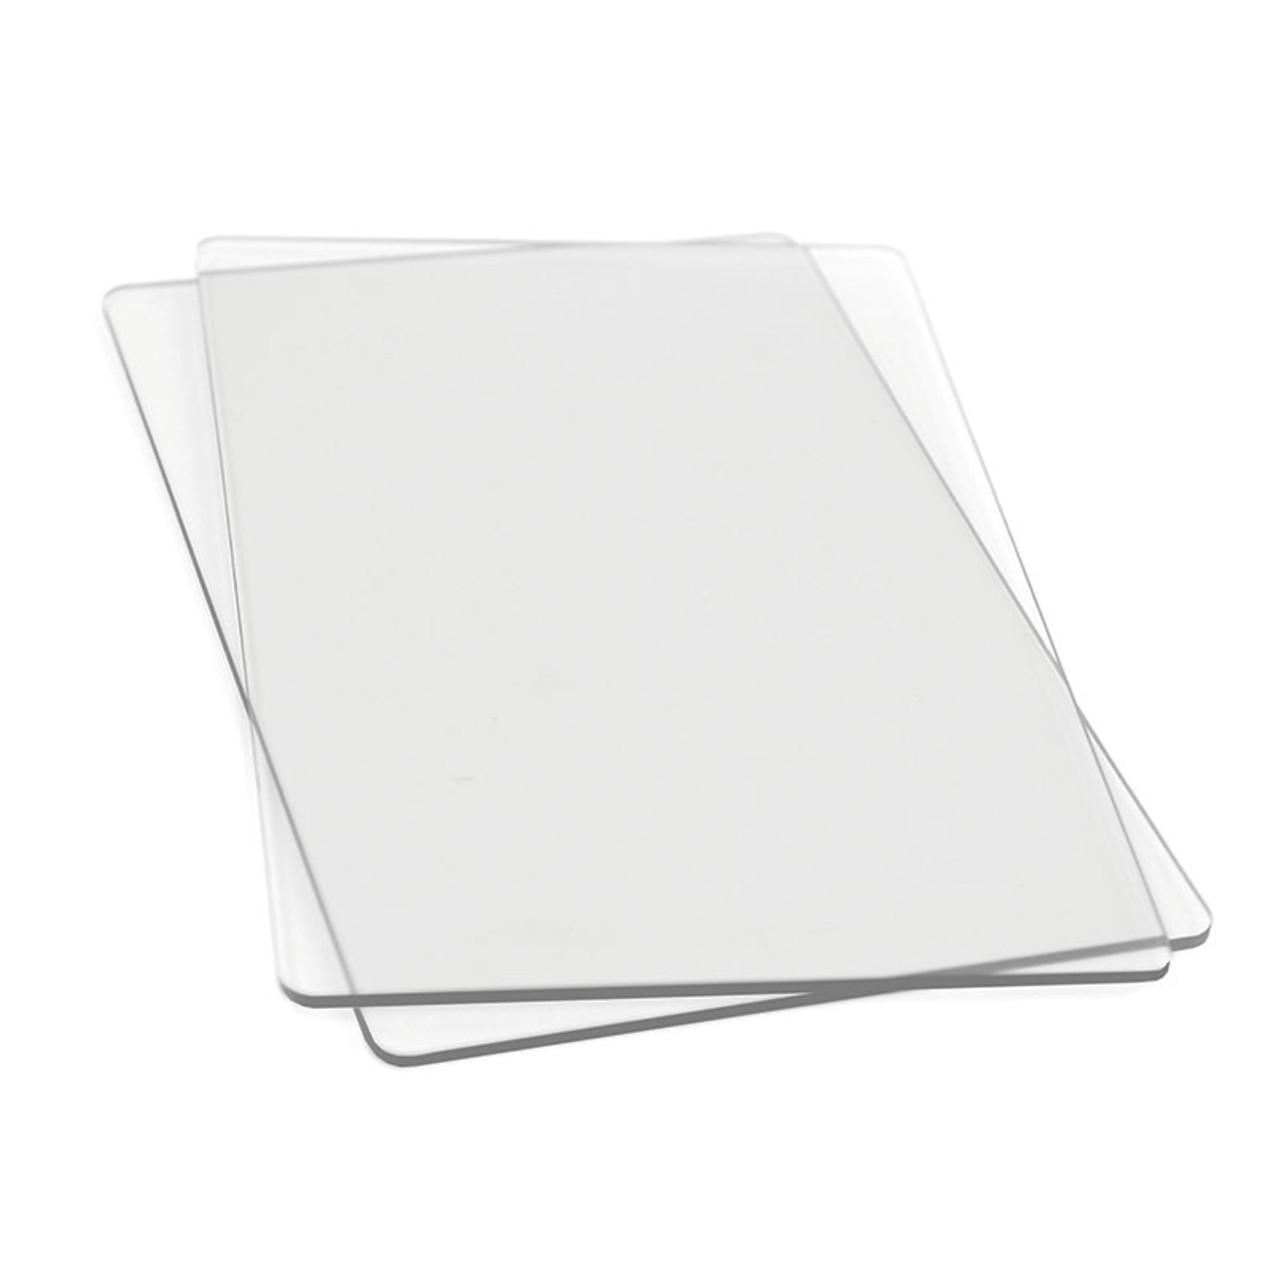 Sizzix Big Shot Cutting Pads 1 Pair-Purple W//Silver Glitter